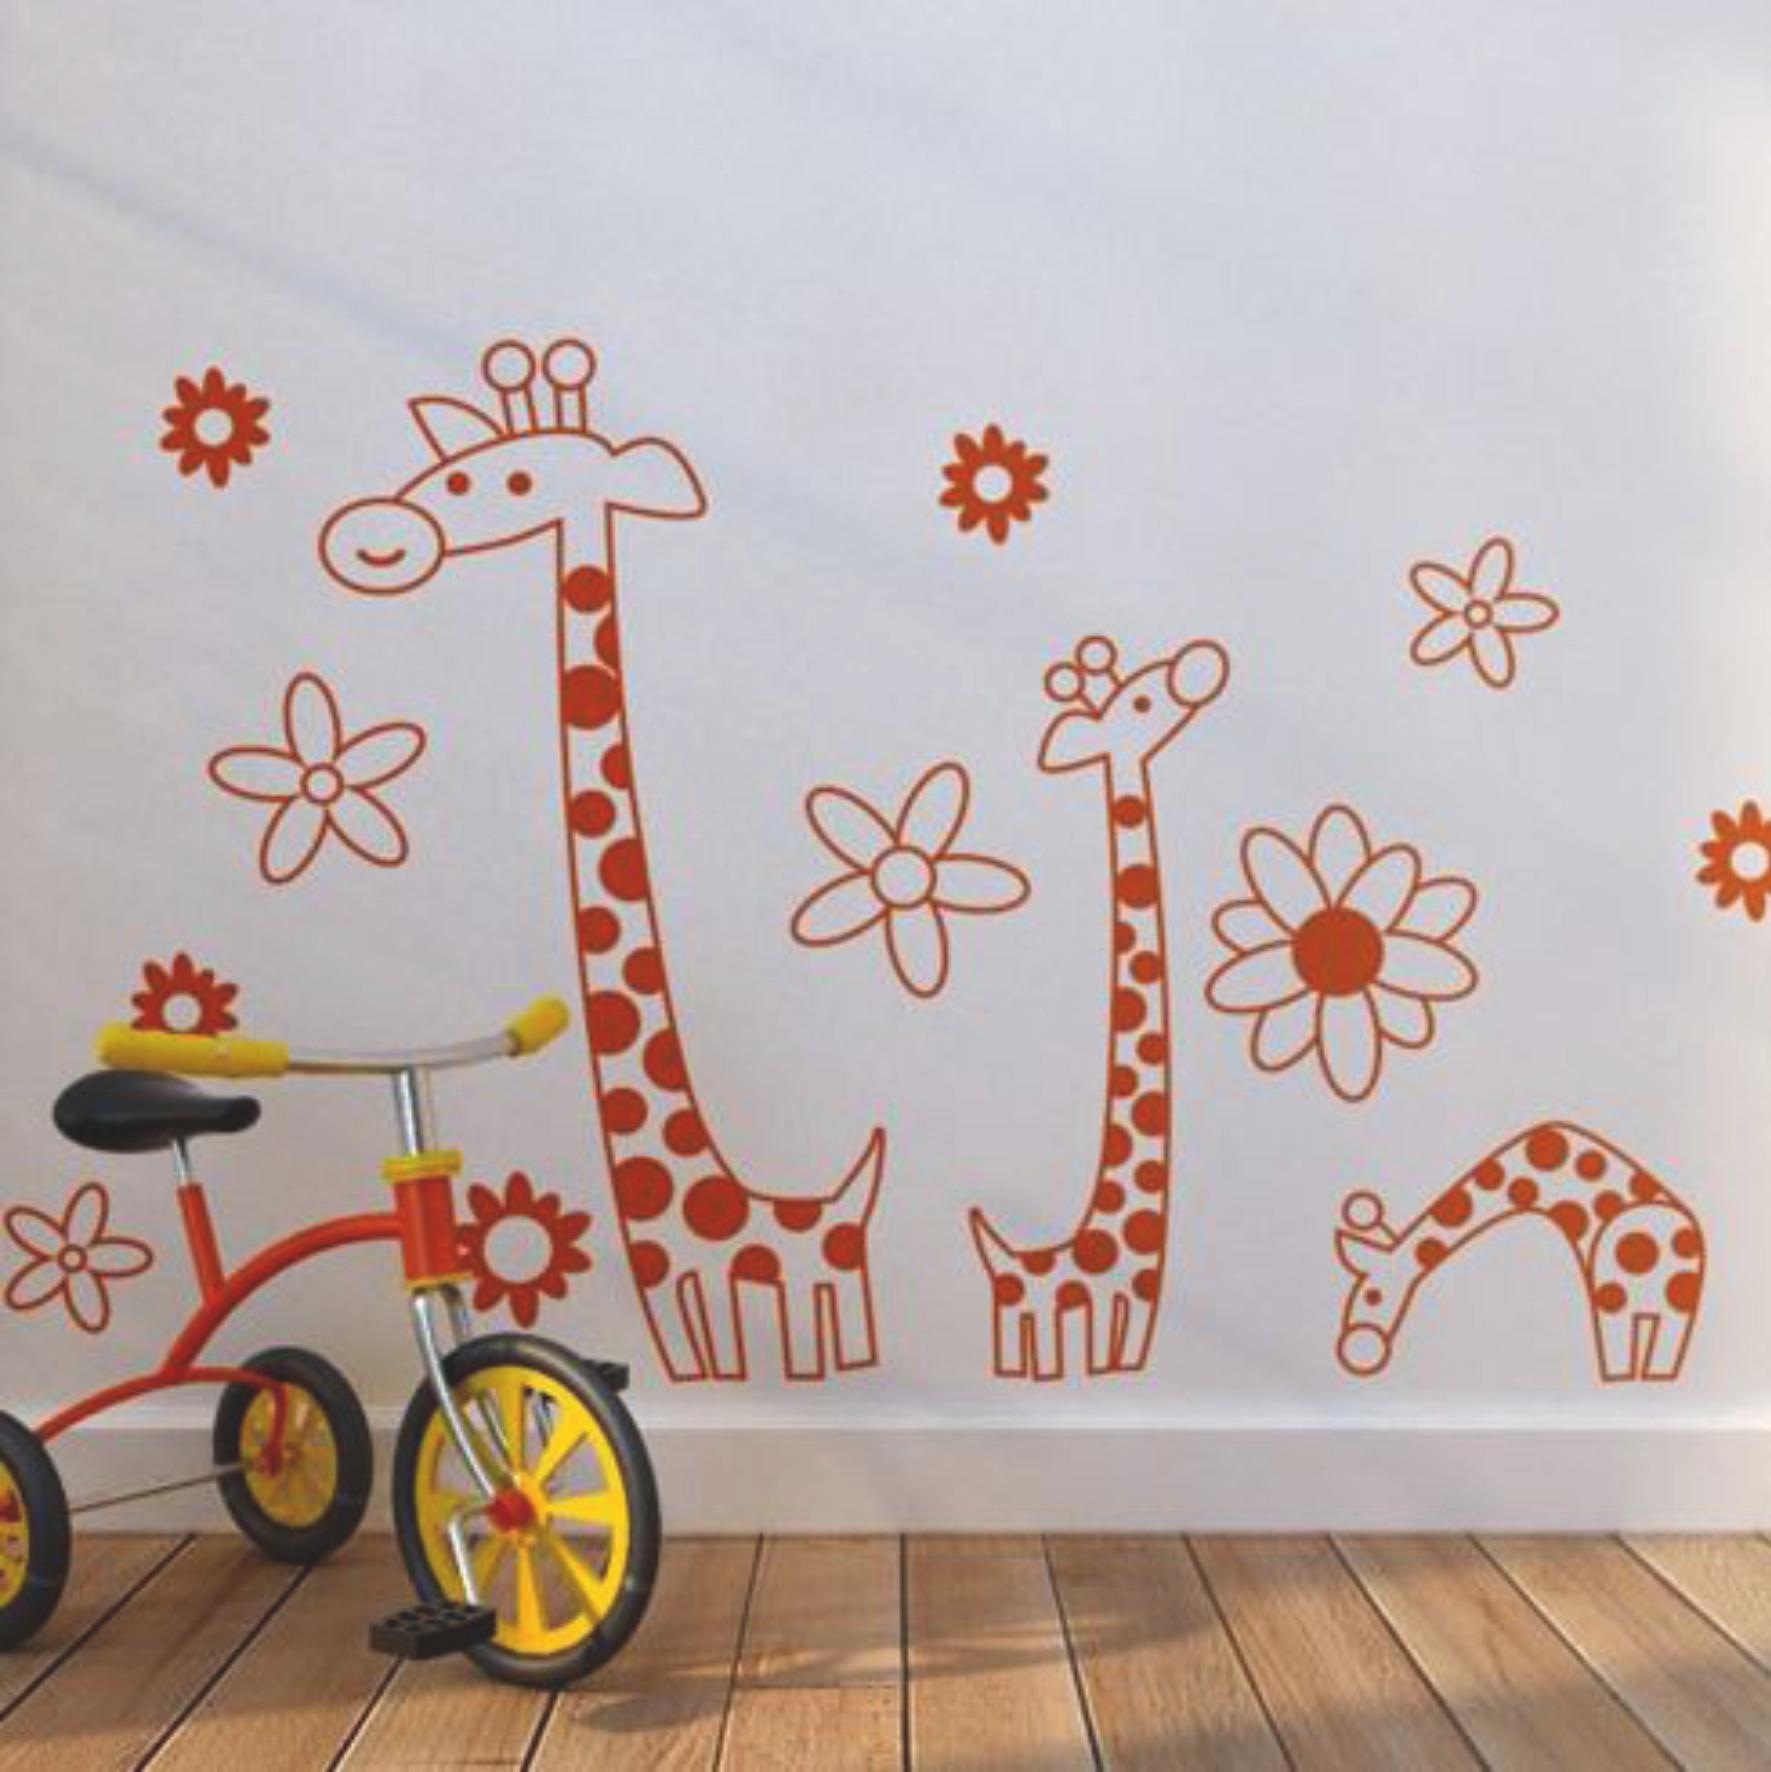 Трафареты для декора в детском саду своими руками шаблоны